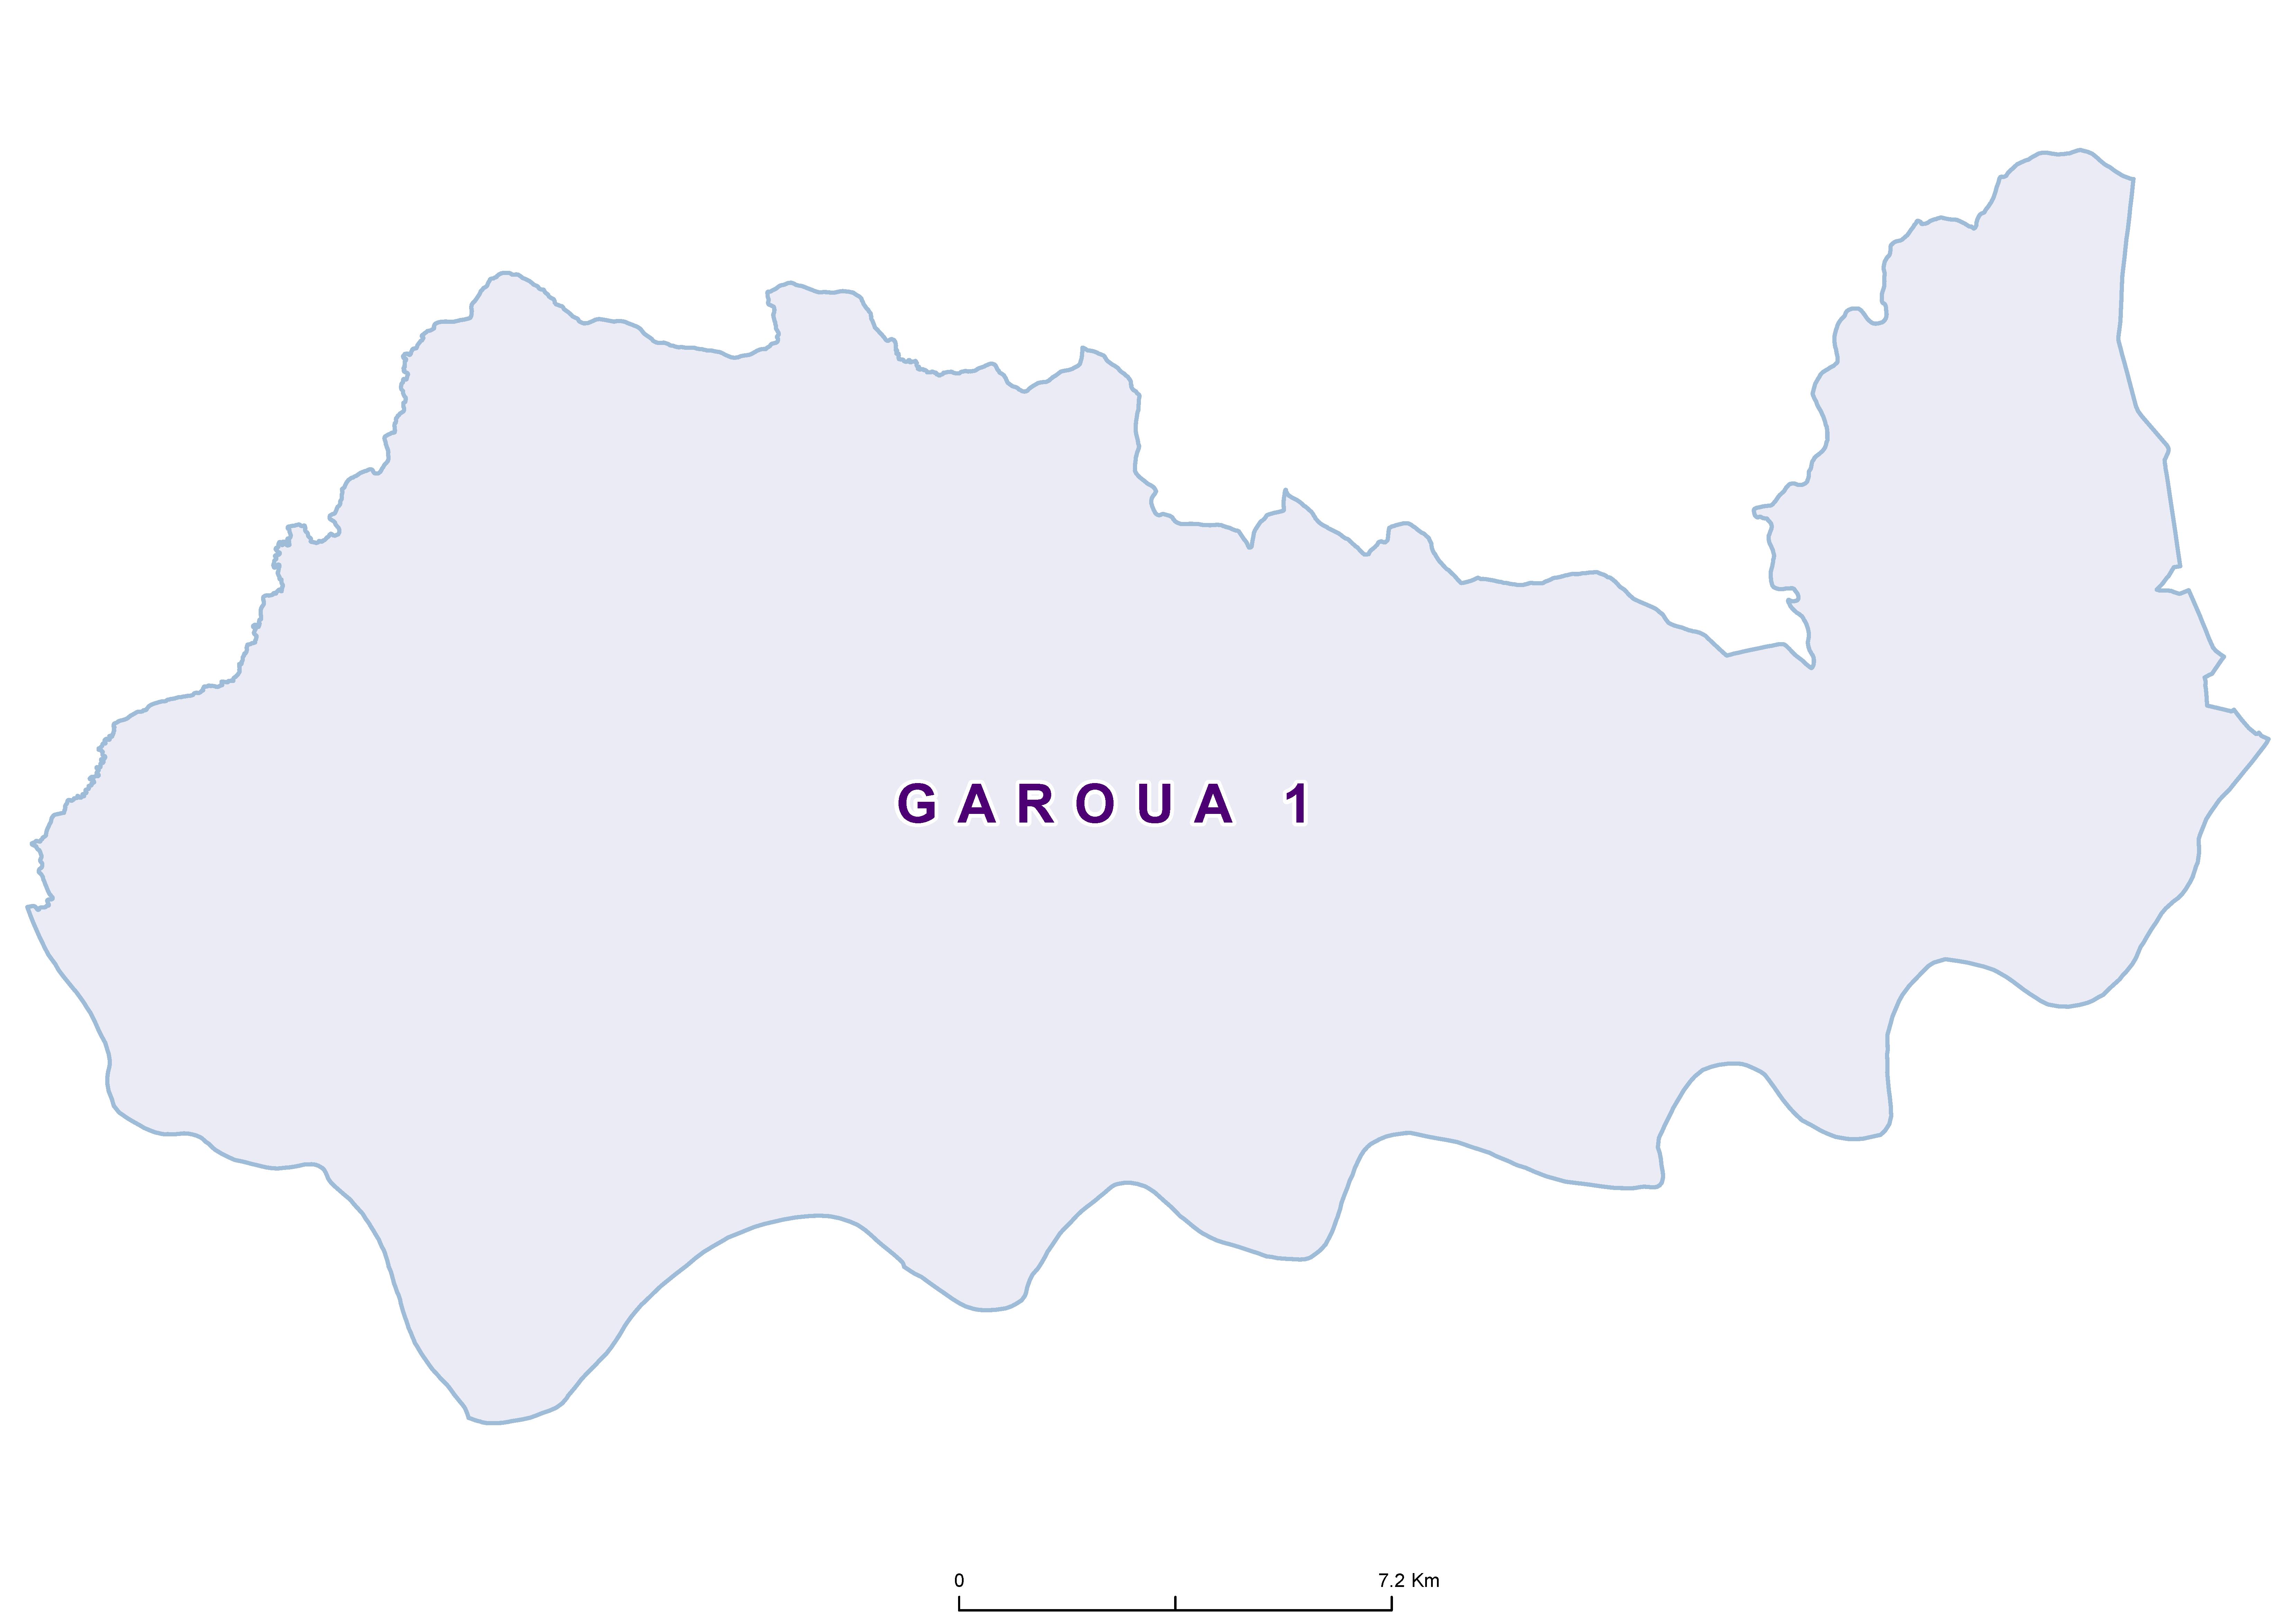 Garoua 1 Max SCH 20180001